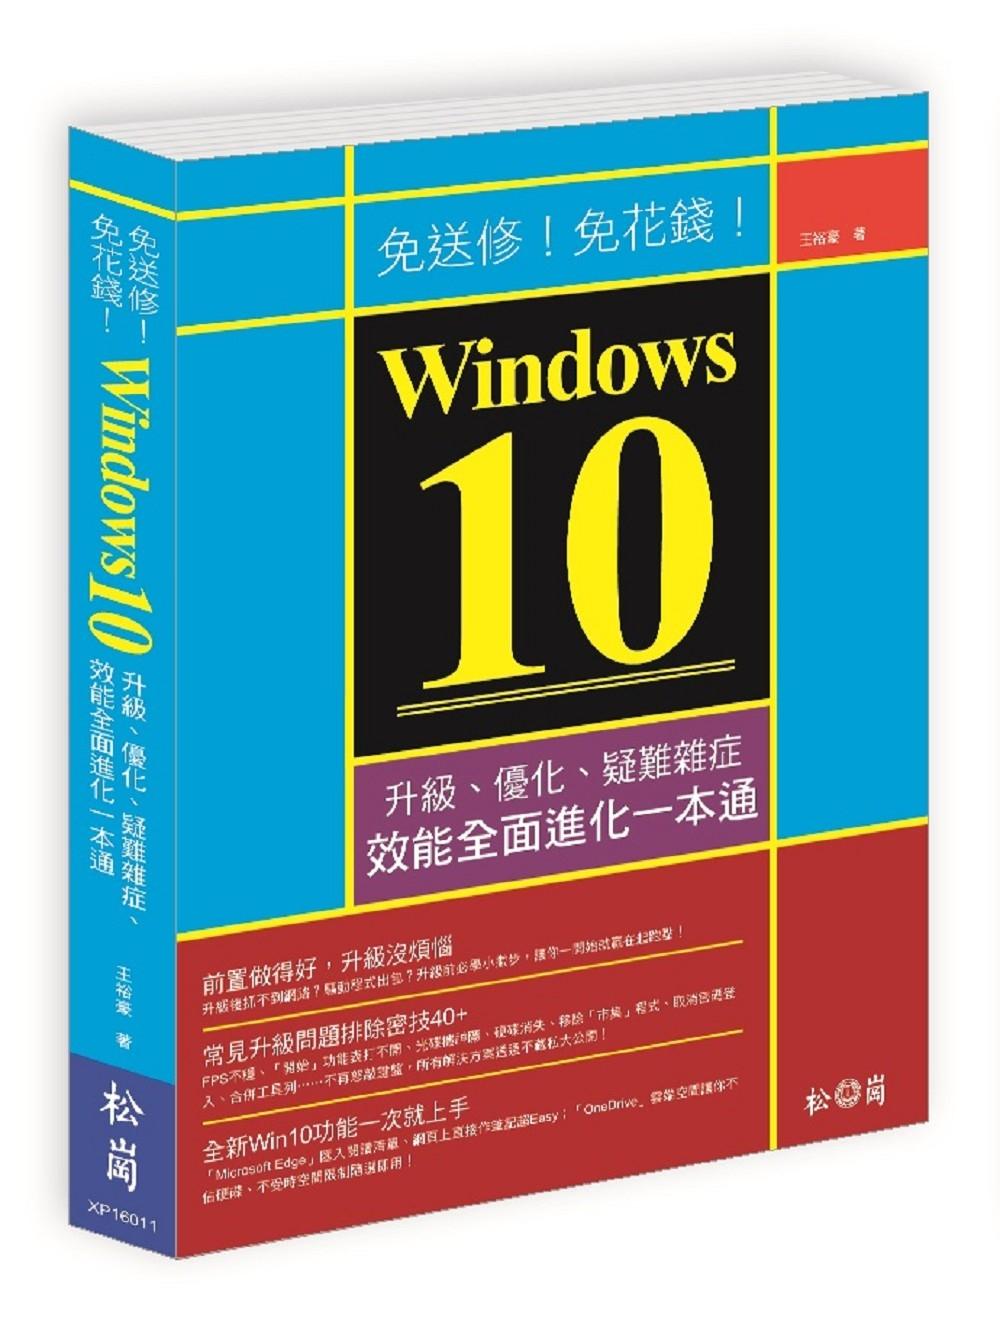 ◤博客來BOOKS◢ 暢銷書榜《推薦》免送修!免花錢!Windows 10升級、優化、疑難雜症、效能全面進化一本通